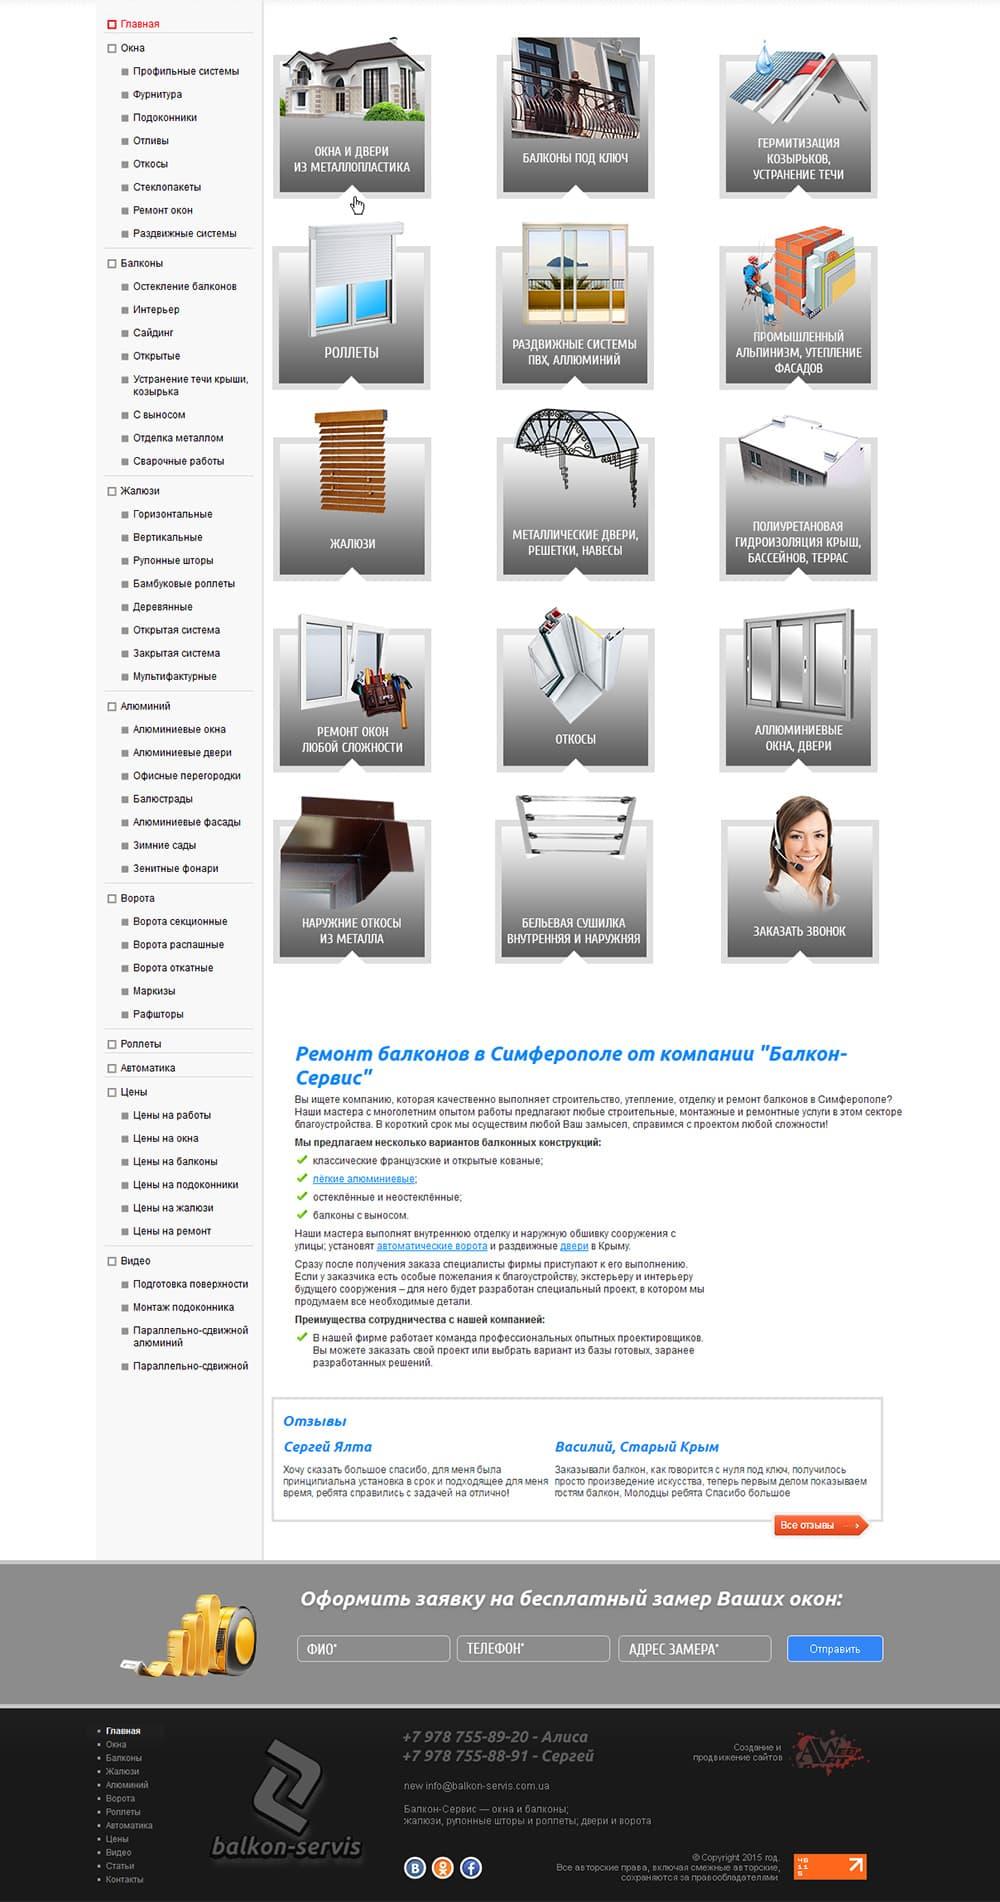 Создание веб сайта симферополь сайт создания луков